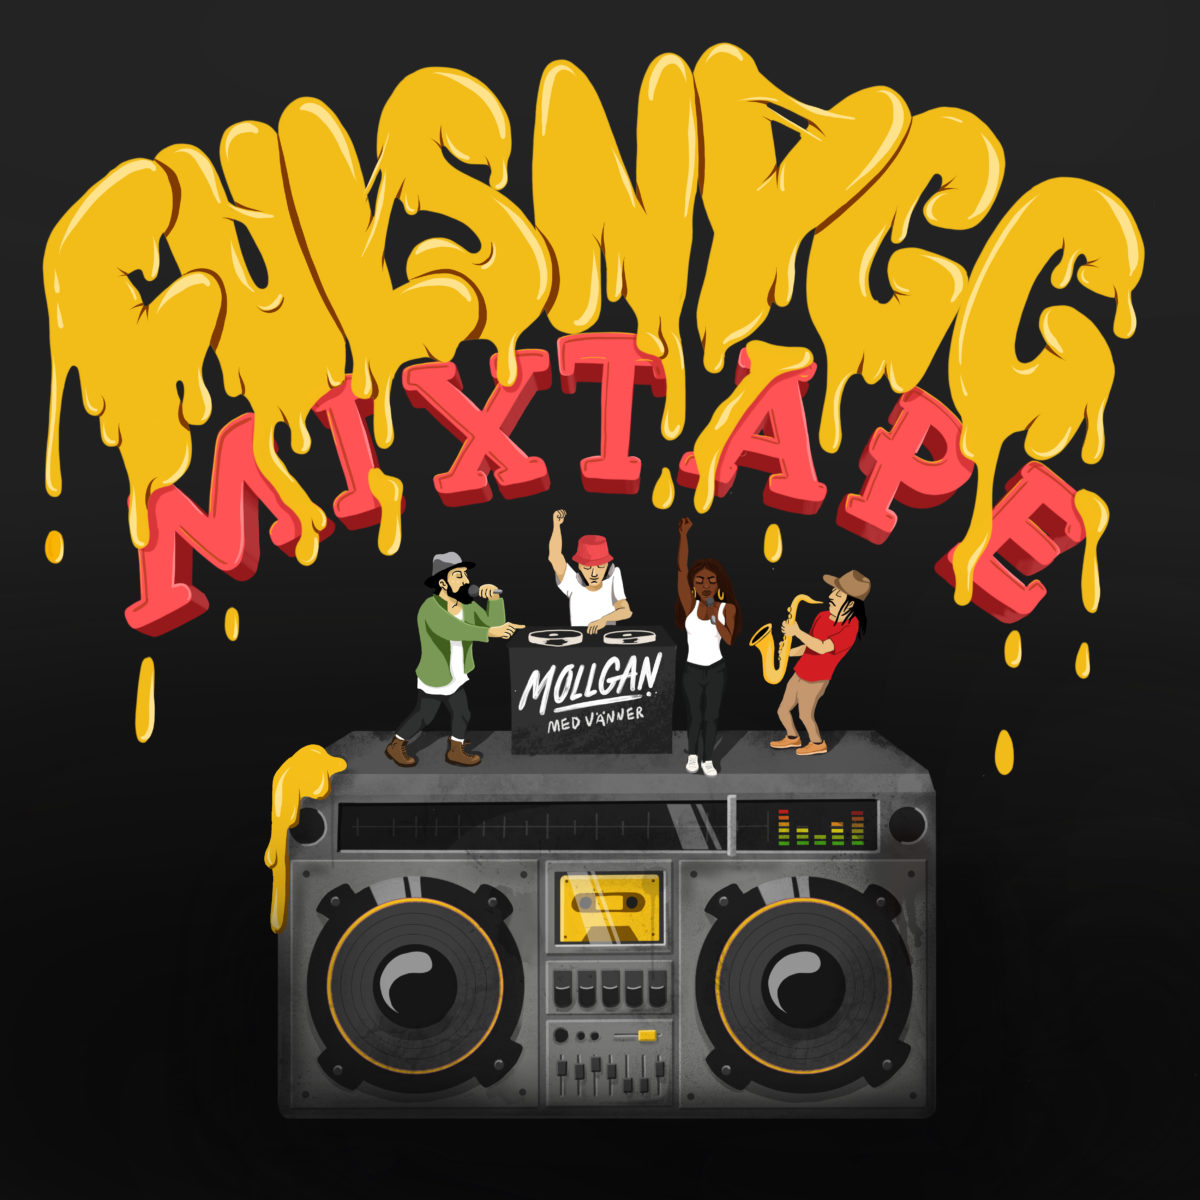 Exklusivt: Mollgan – Fulsnygg Mixtape (MP3)